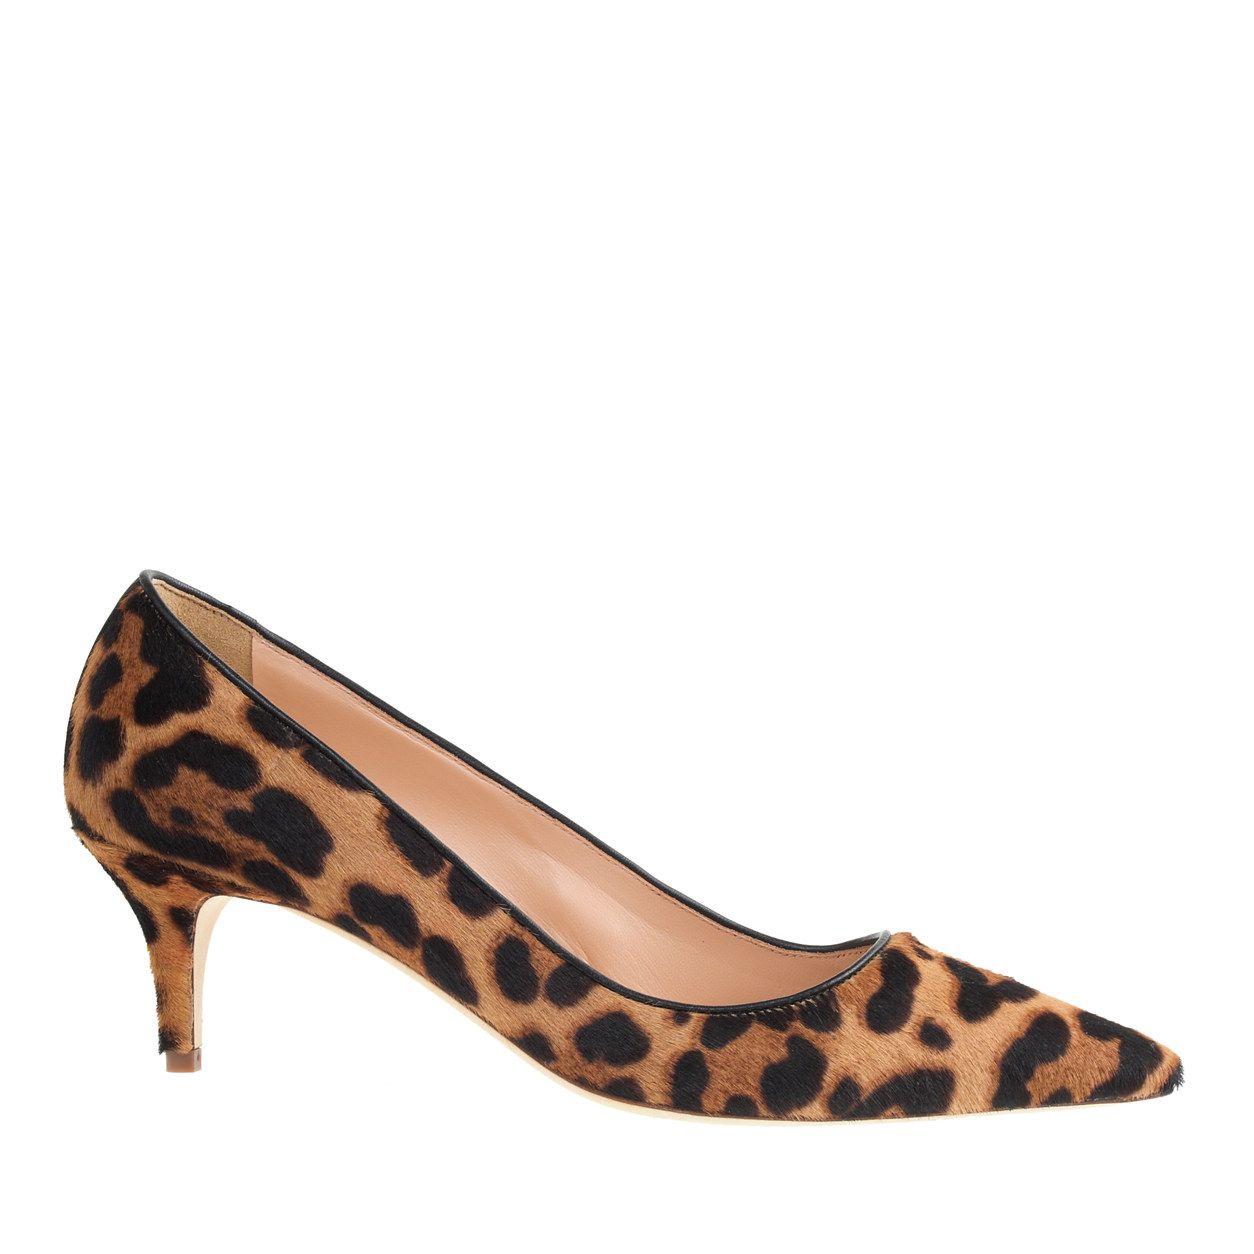 2fe3f50b7679 Collection Dulci calf hair kitten heels - pumps   heels - Women s shoes -  J.Crew